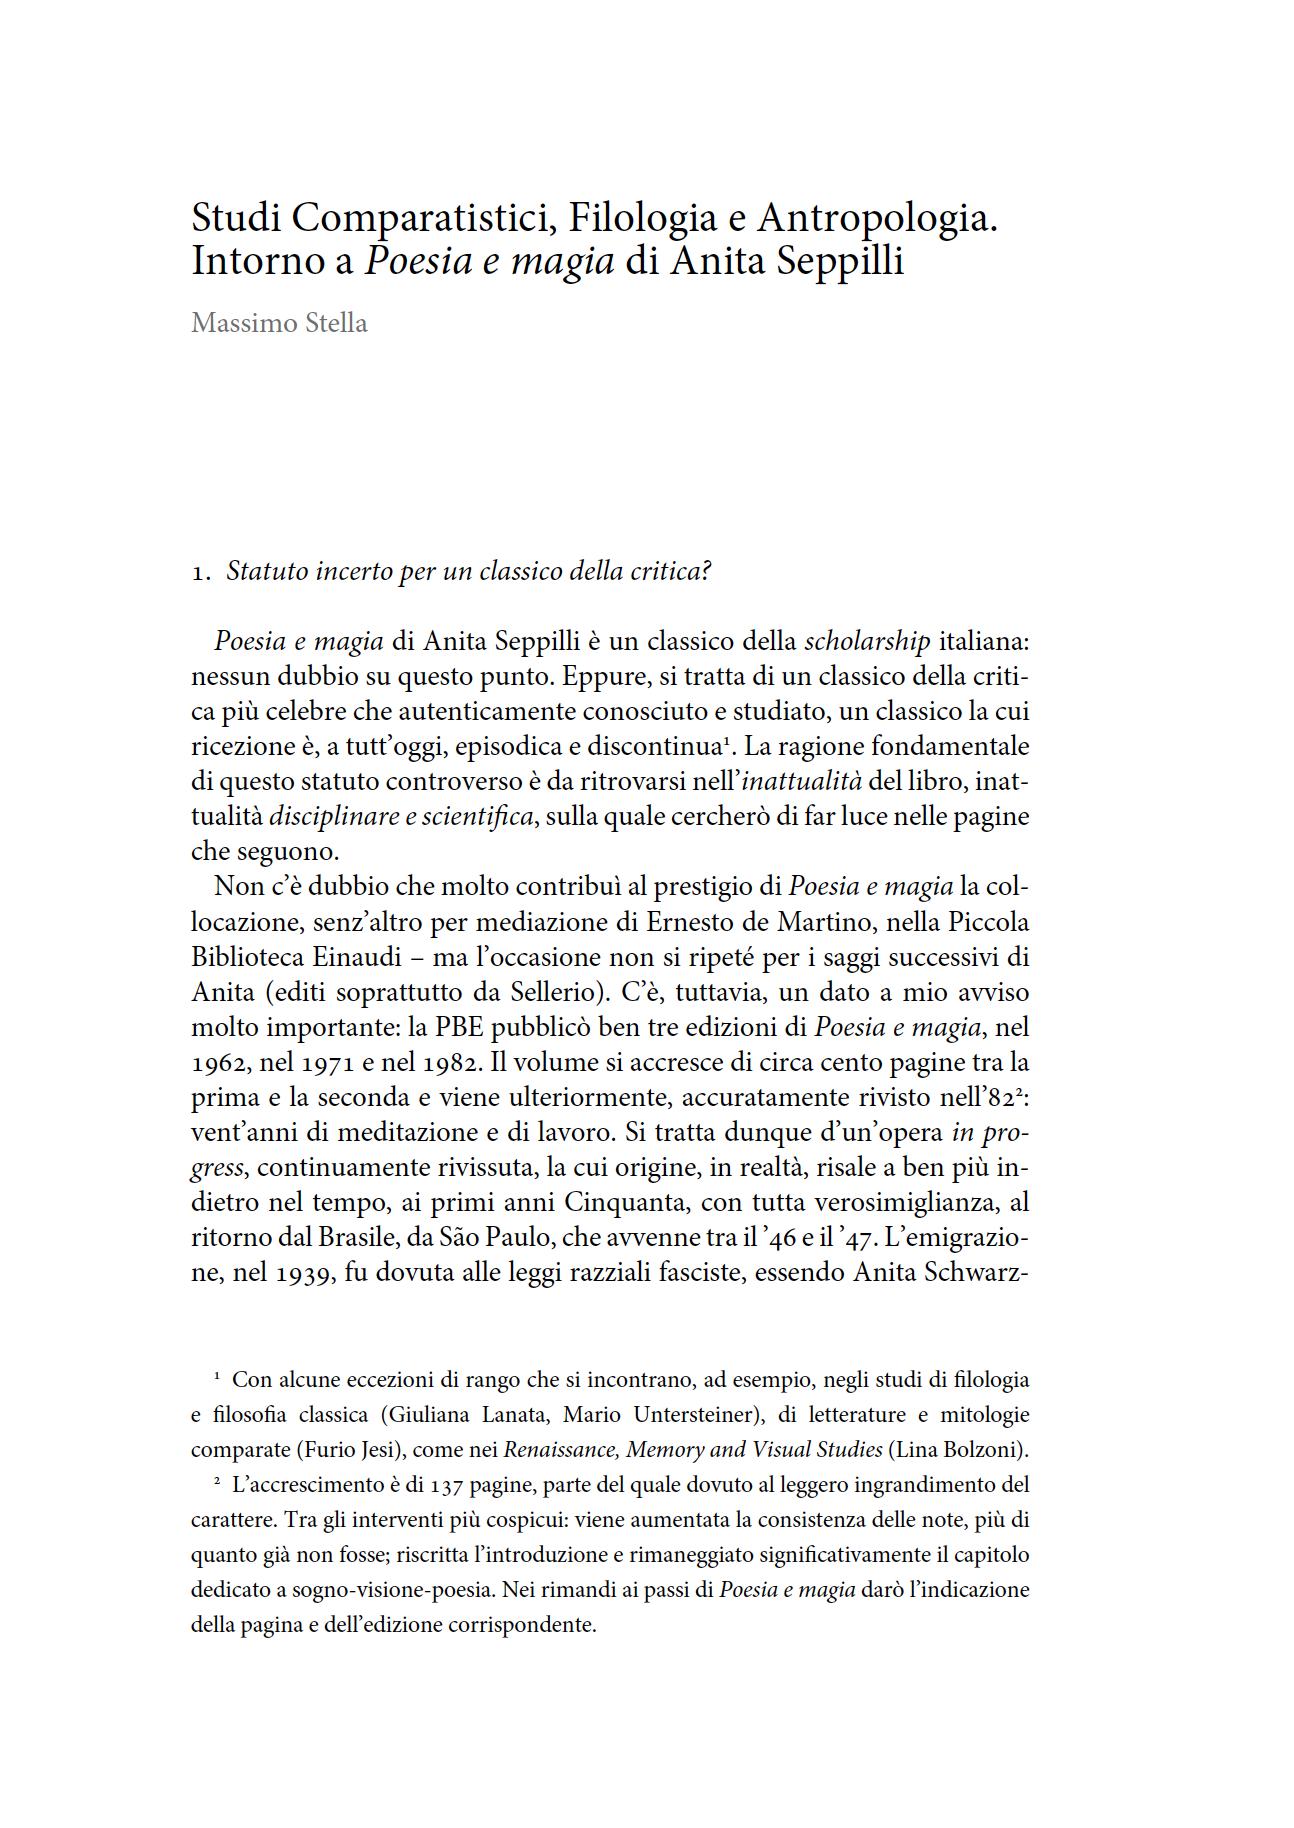 Studi Comparatistici, Filologia e Antropologia. Intorno a Poesia e magia di Anita Seppilli